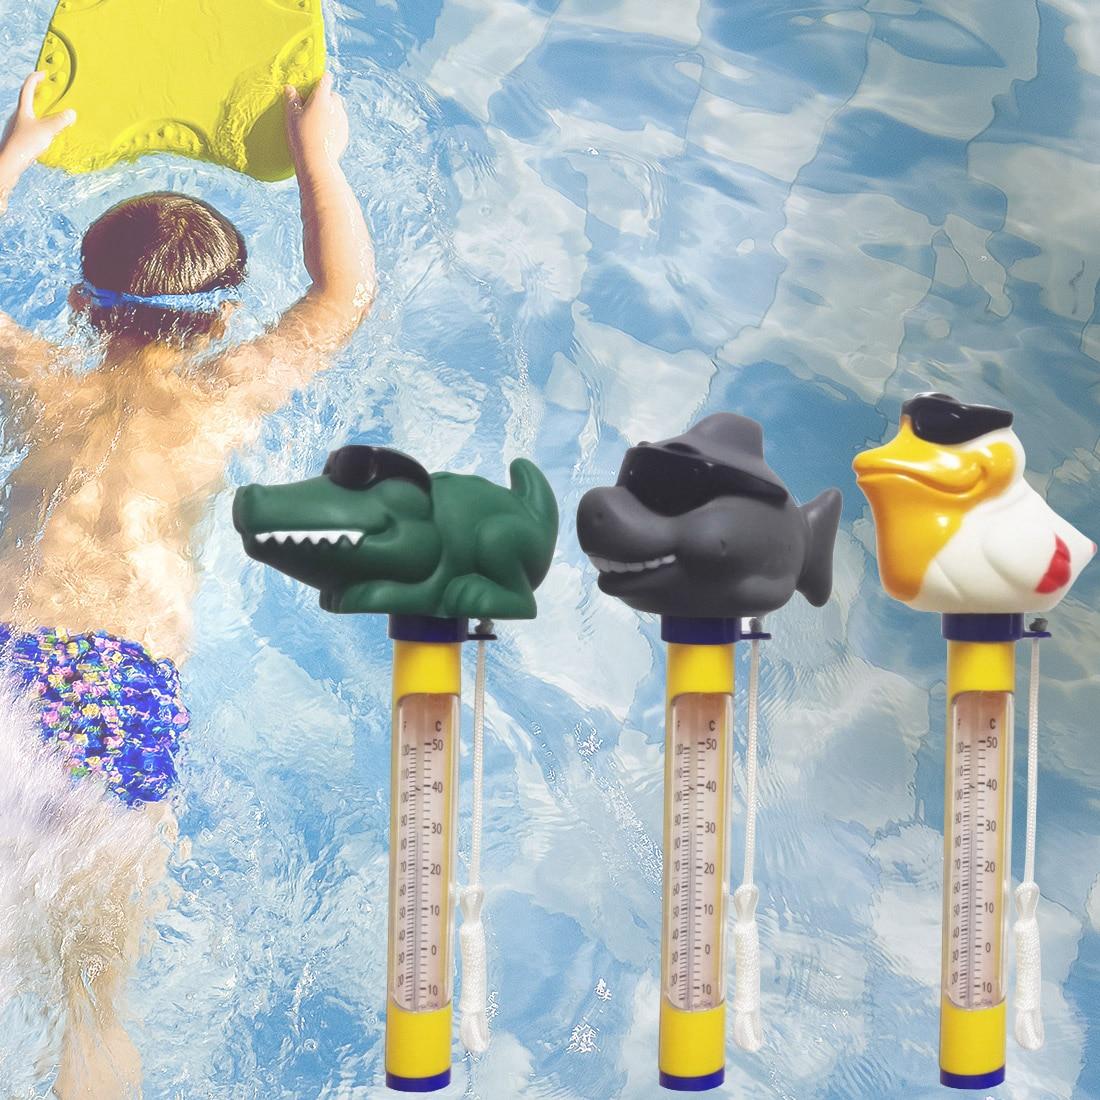 Thermomètre flottant Animal mignon pour toutes les piscines extérieures et intérieures Spas/bains à remous thermomètre capteur d'eau de piscine